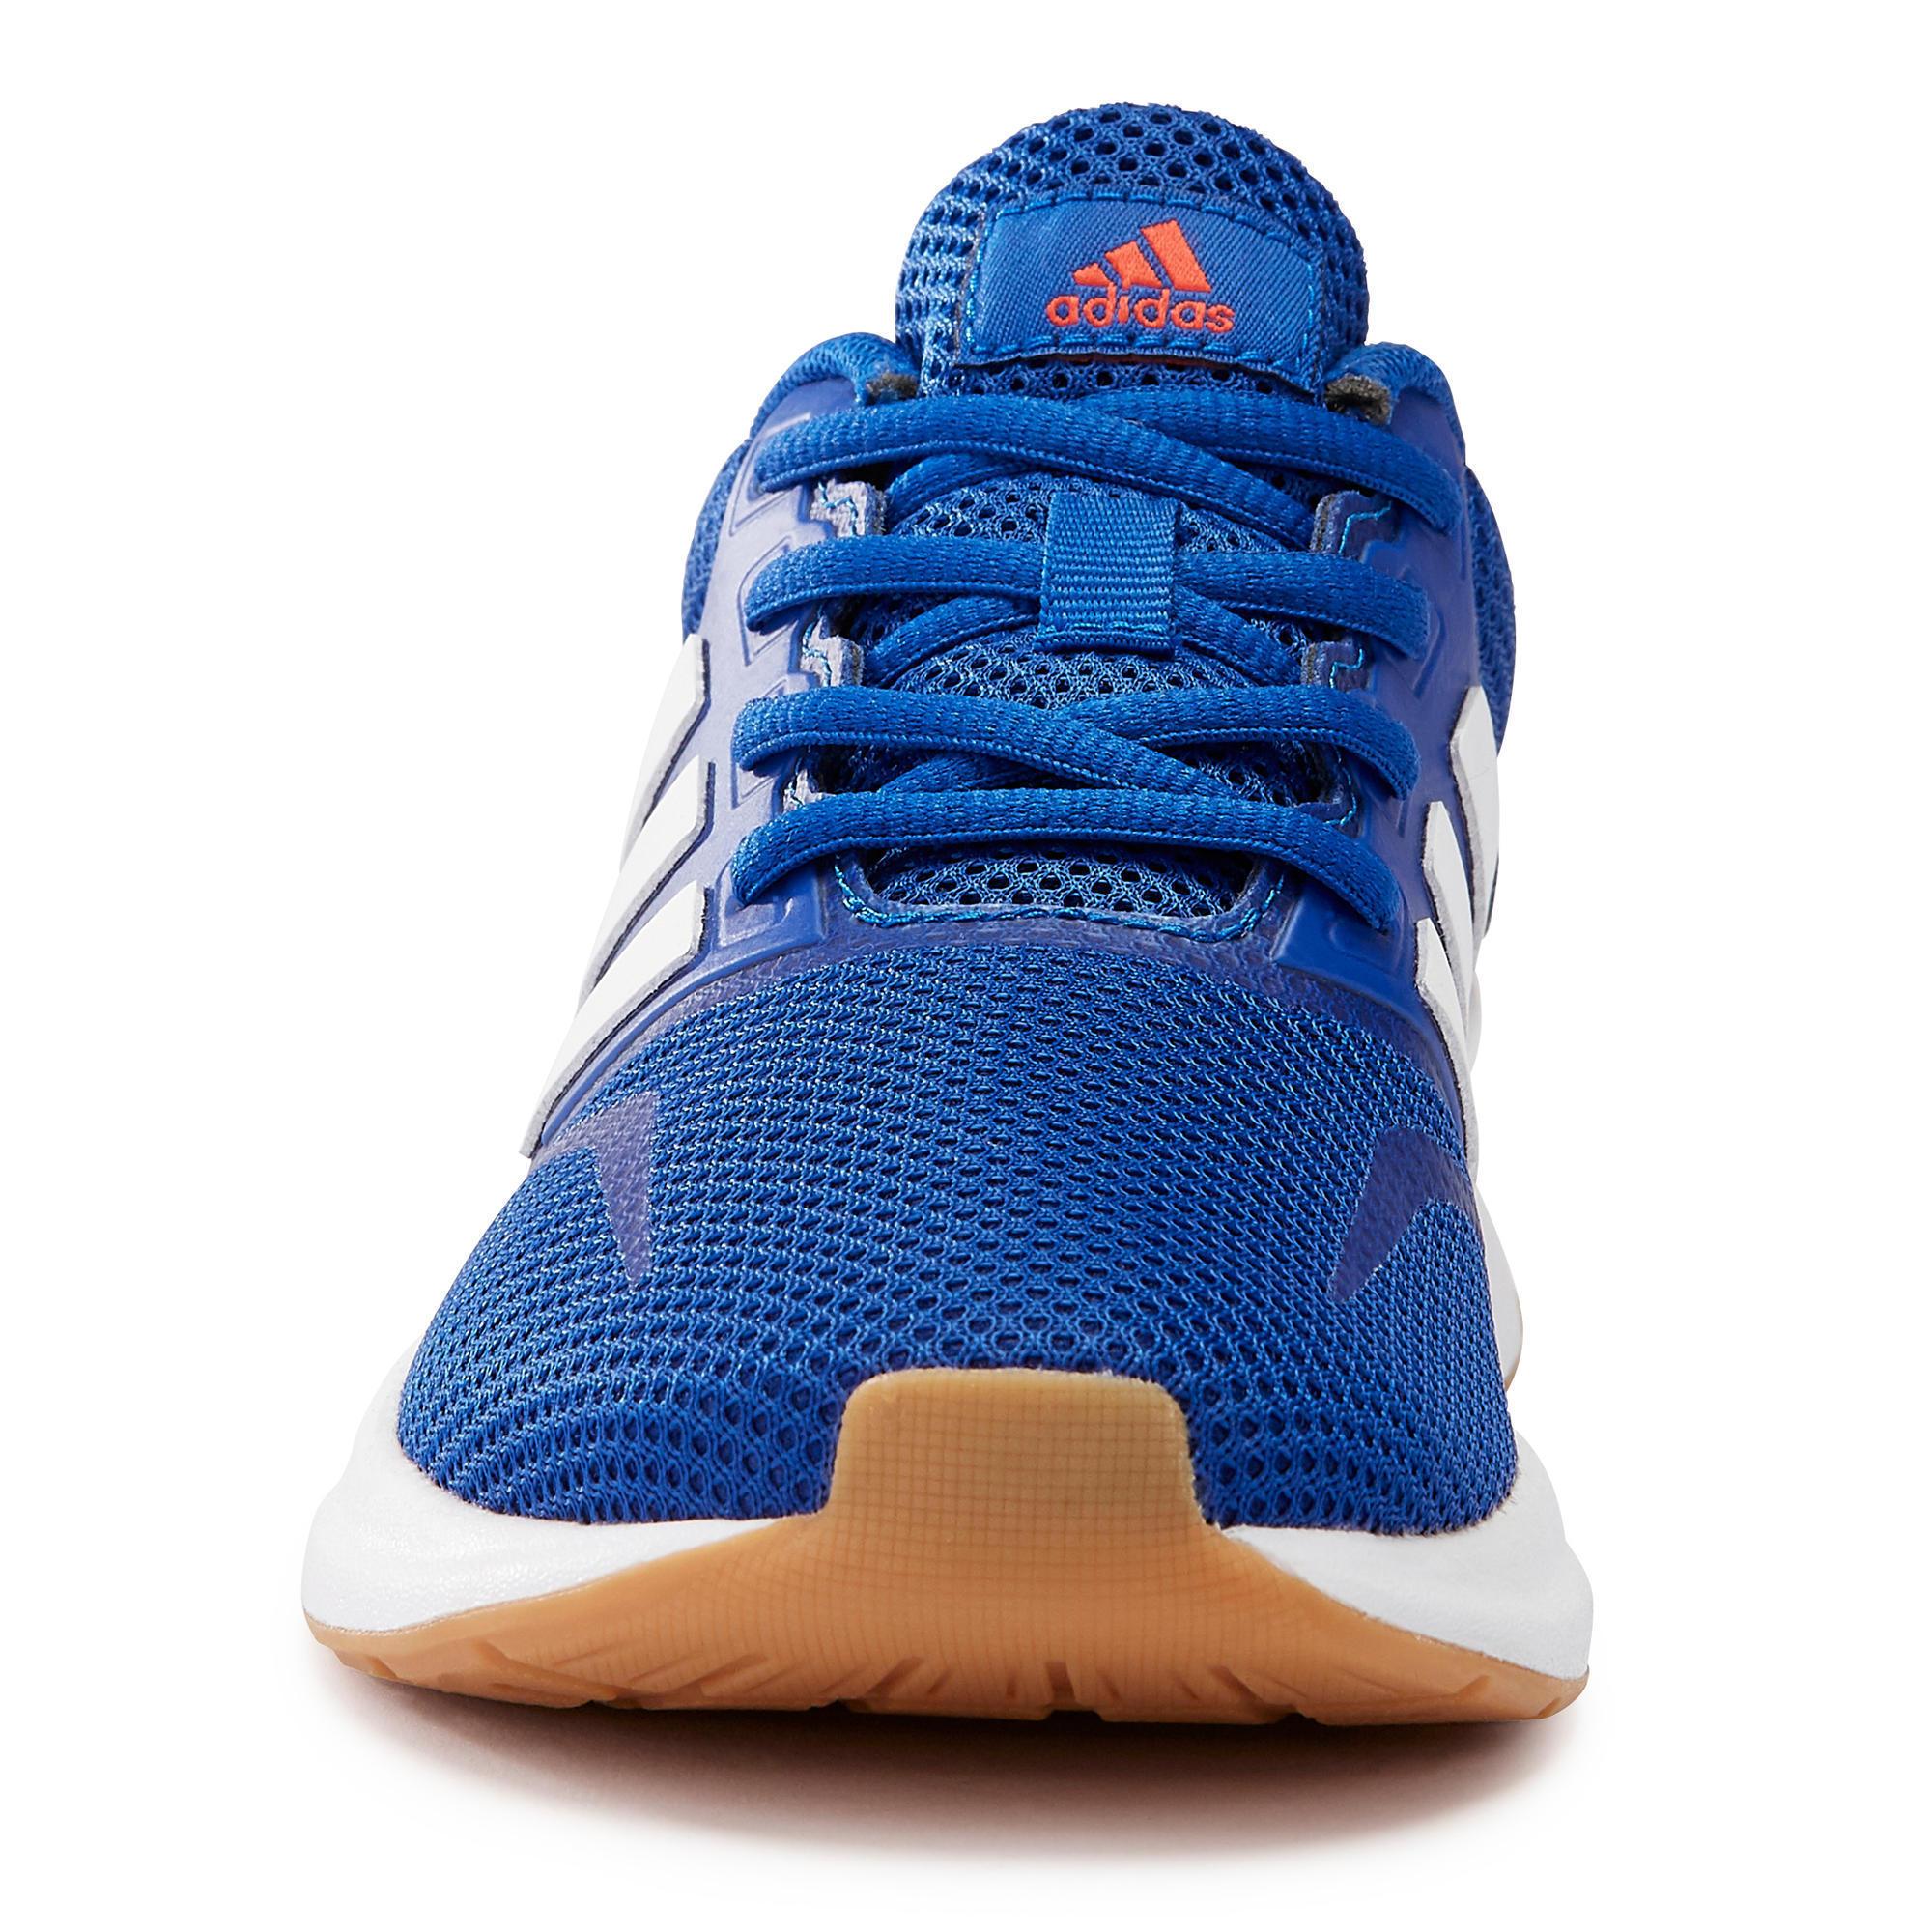 adidas falcon bleu